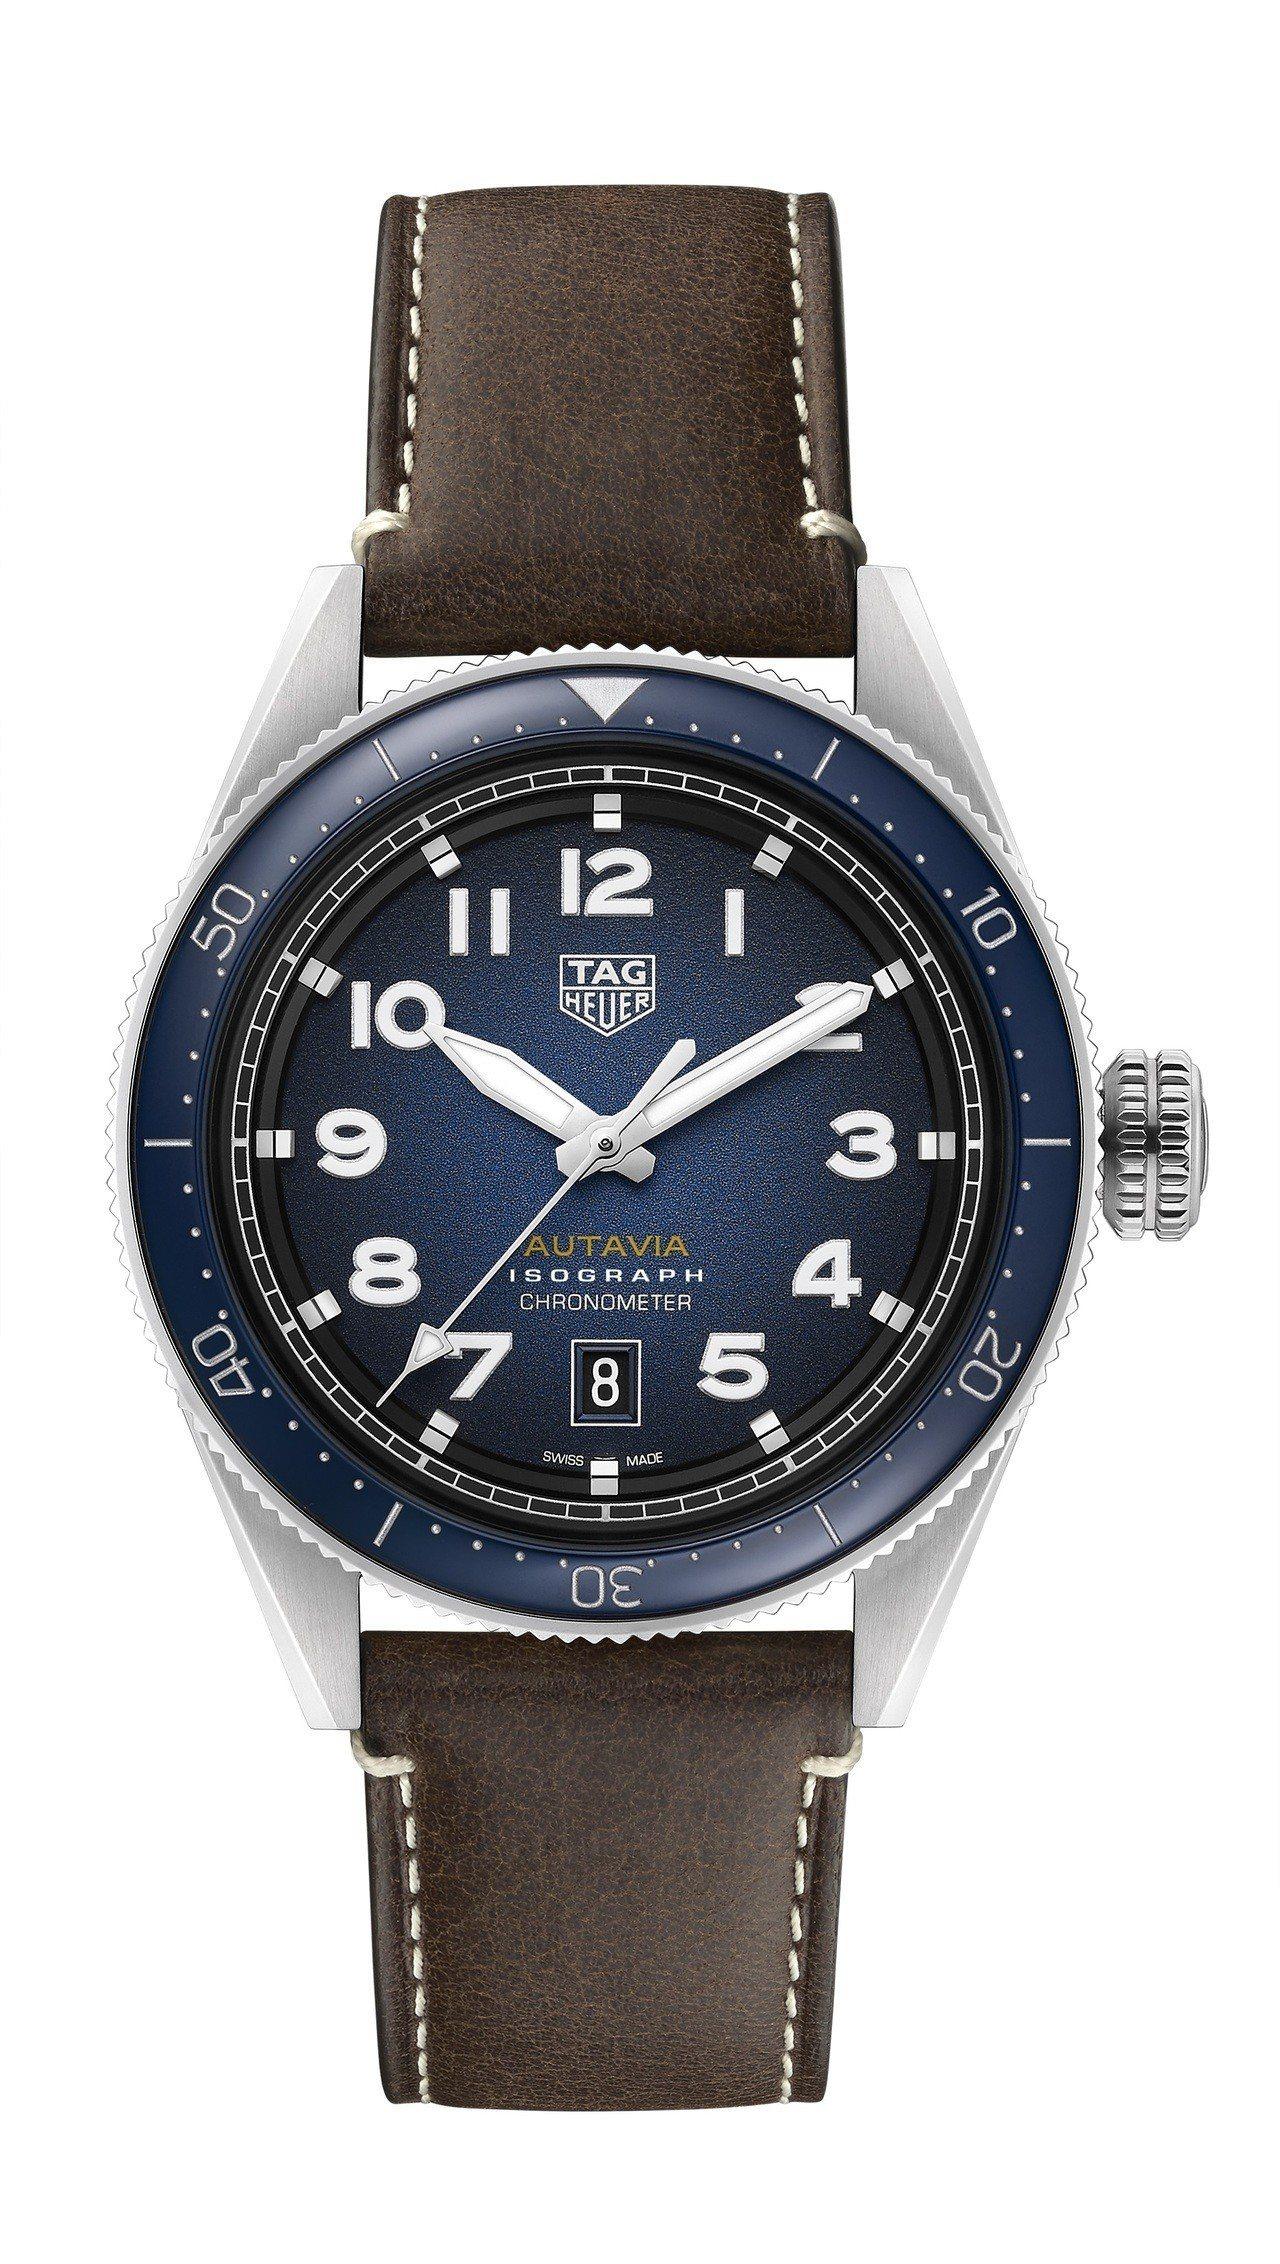 泰格豪雅Autavia系列腕表,不鏽鋼表殼搭配藍色陶瓷表圈,具38小時動力儲存,...